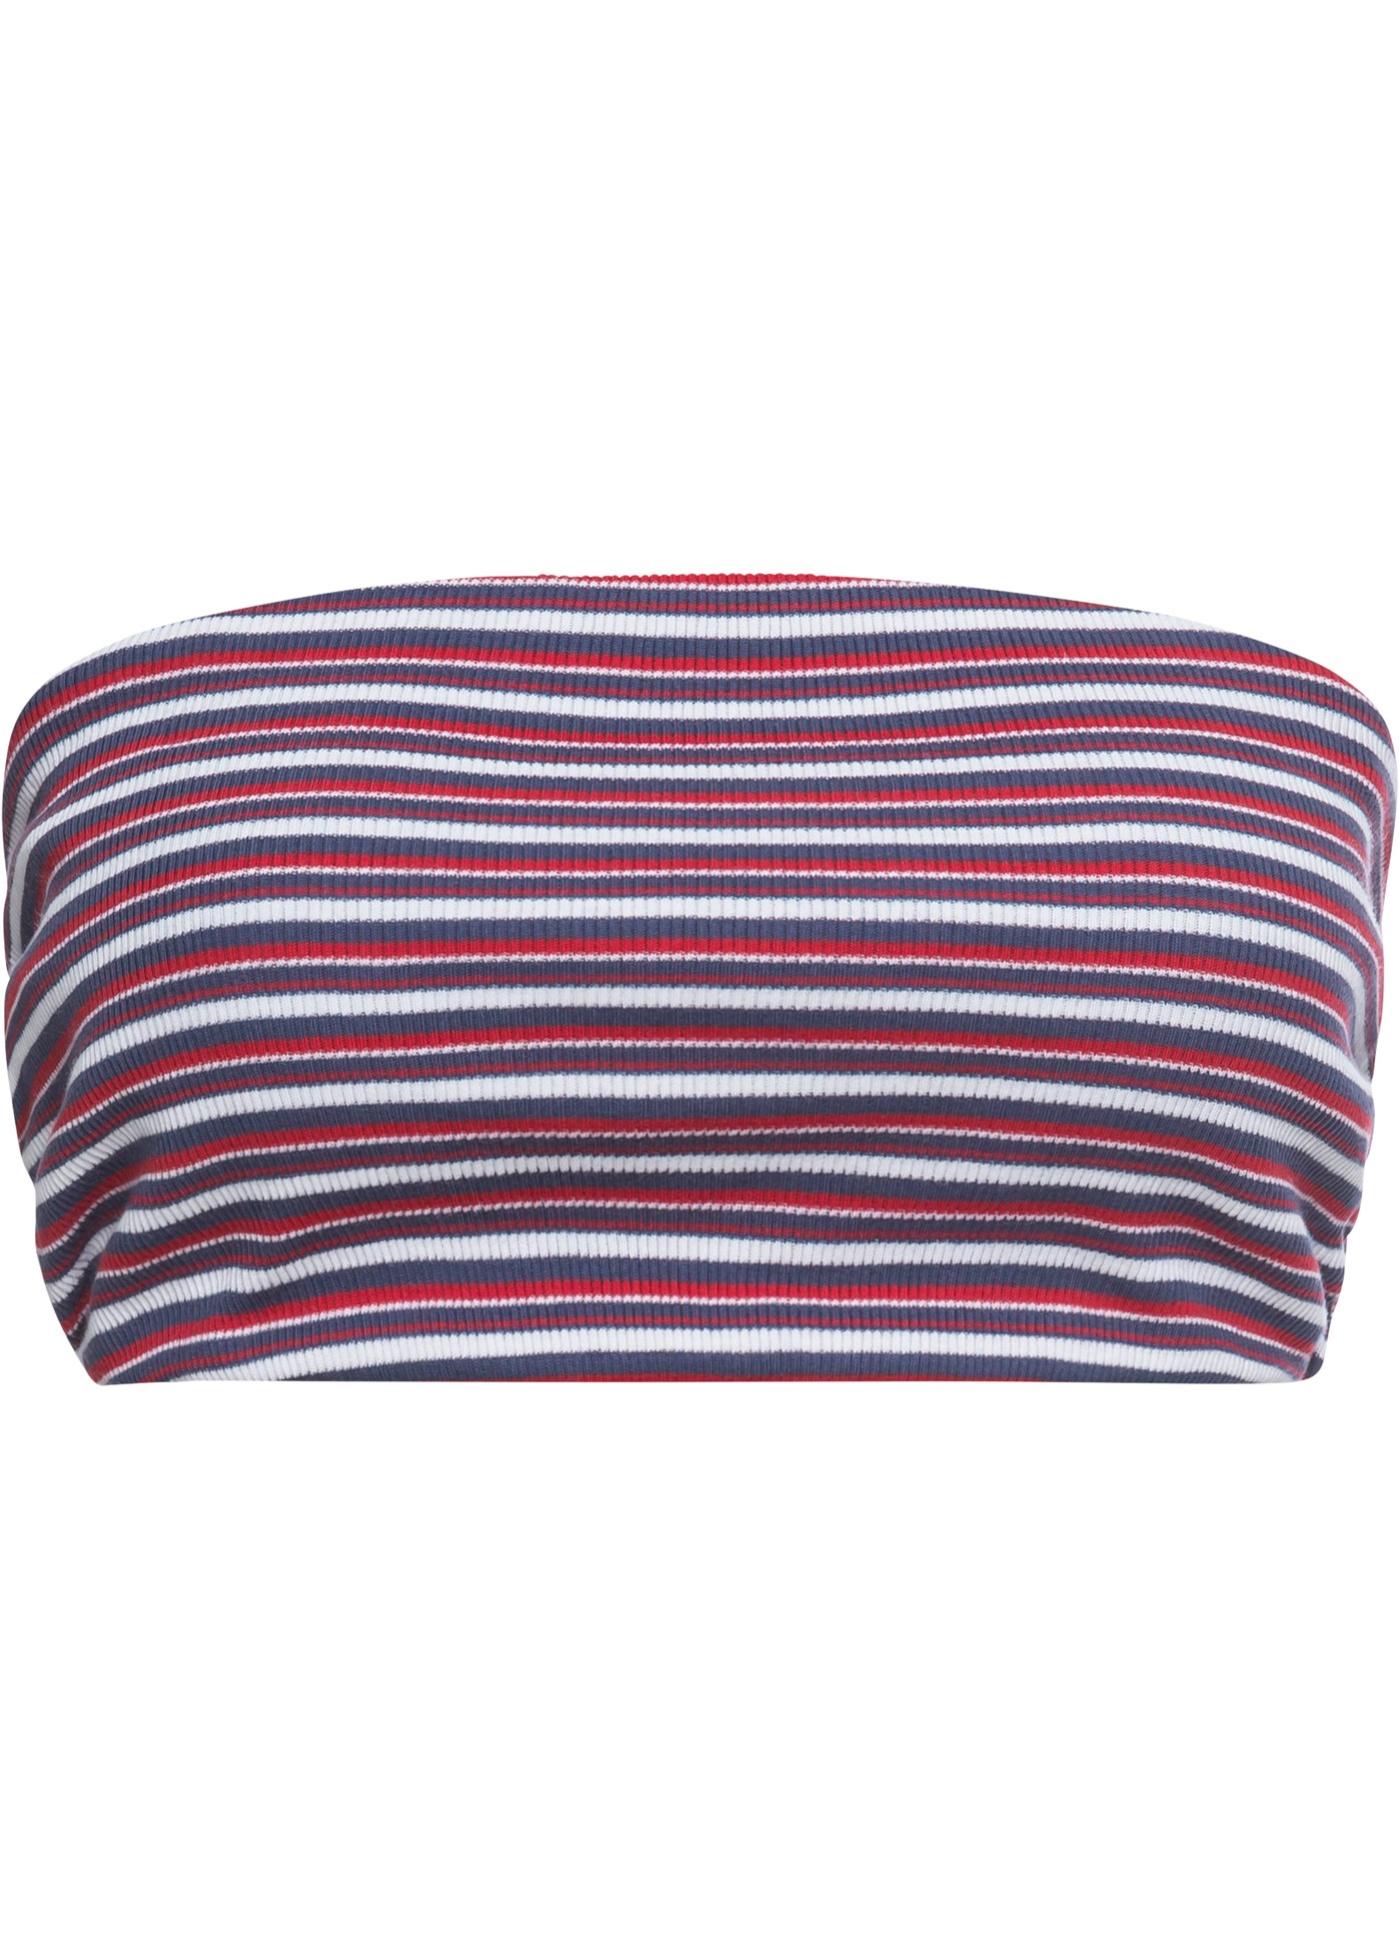 Bandeau-Top in Rippe ohne Ärmel  in rot für Damen von bonprix